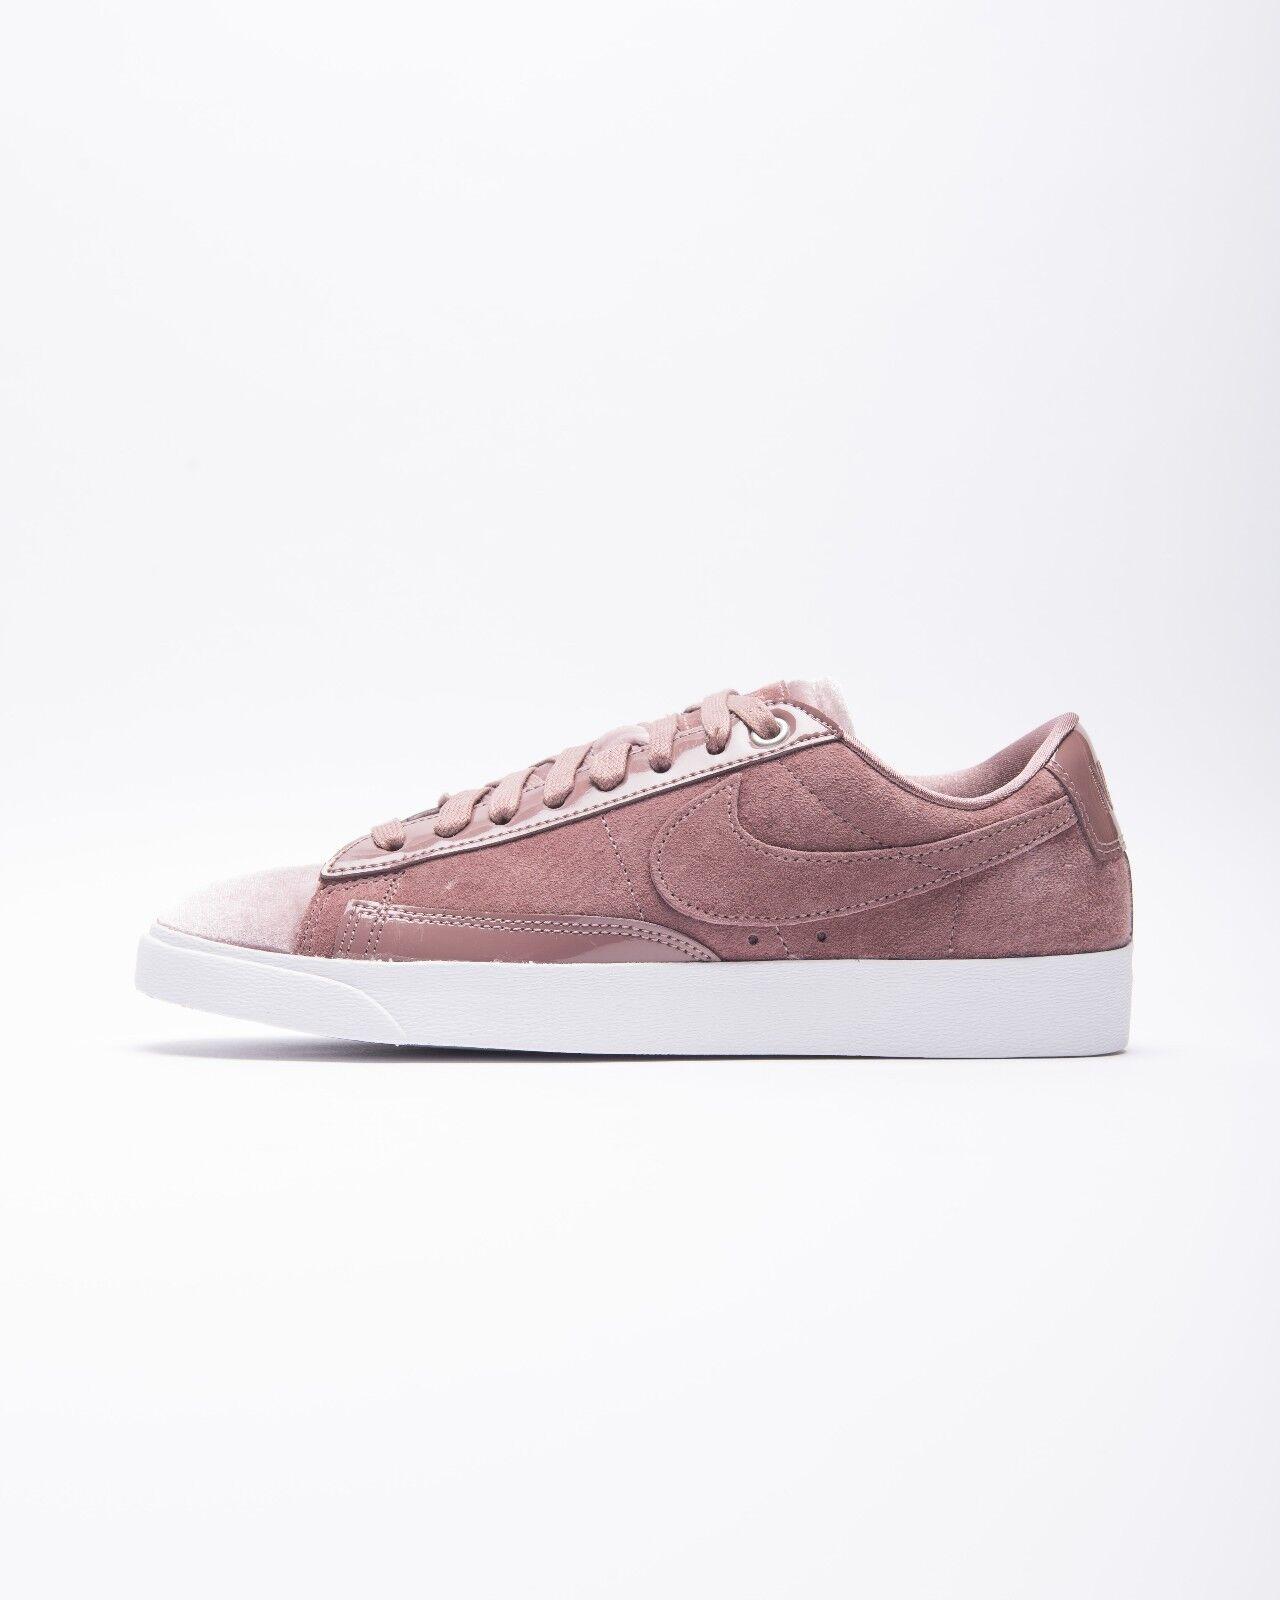 Nike WOMEN'S Blazer Low LX Smokey Mauve SIZE 8.5 BRAND NEW